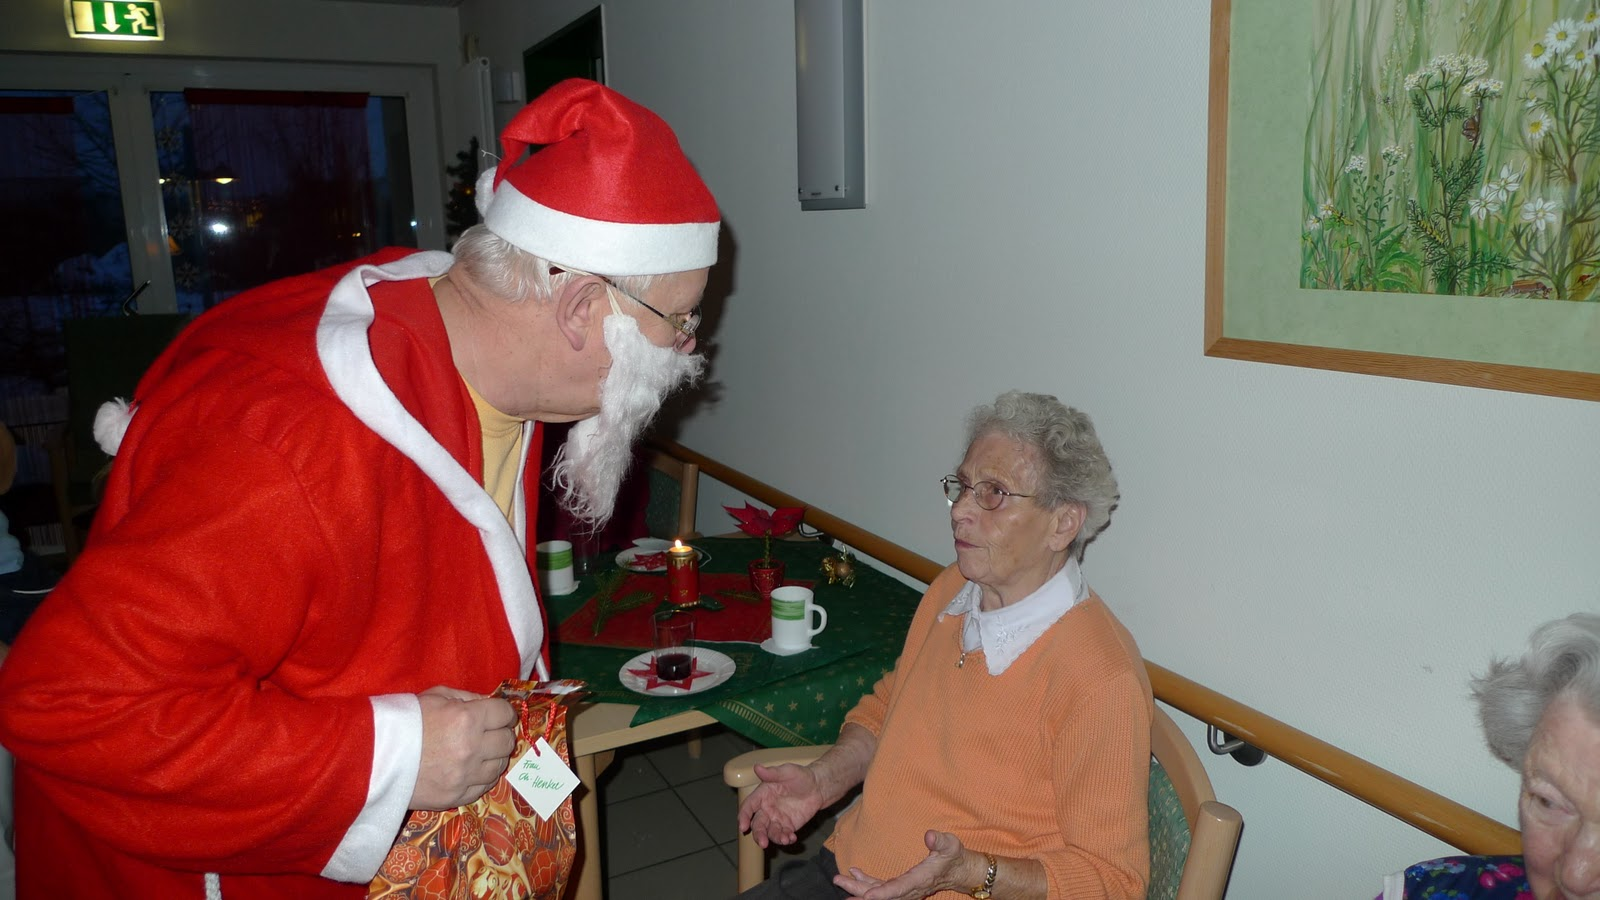 Küchenleiter Potsdam ~ awo seniorenzentrum wiesengrund trebbin weihnachtsfeier im awo seniorenzentrum wiesengrund